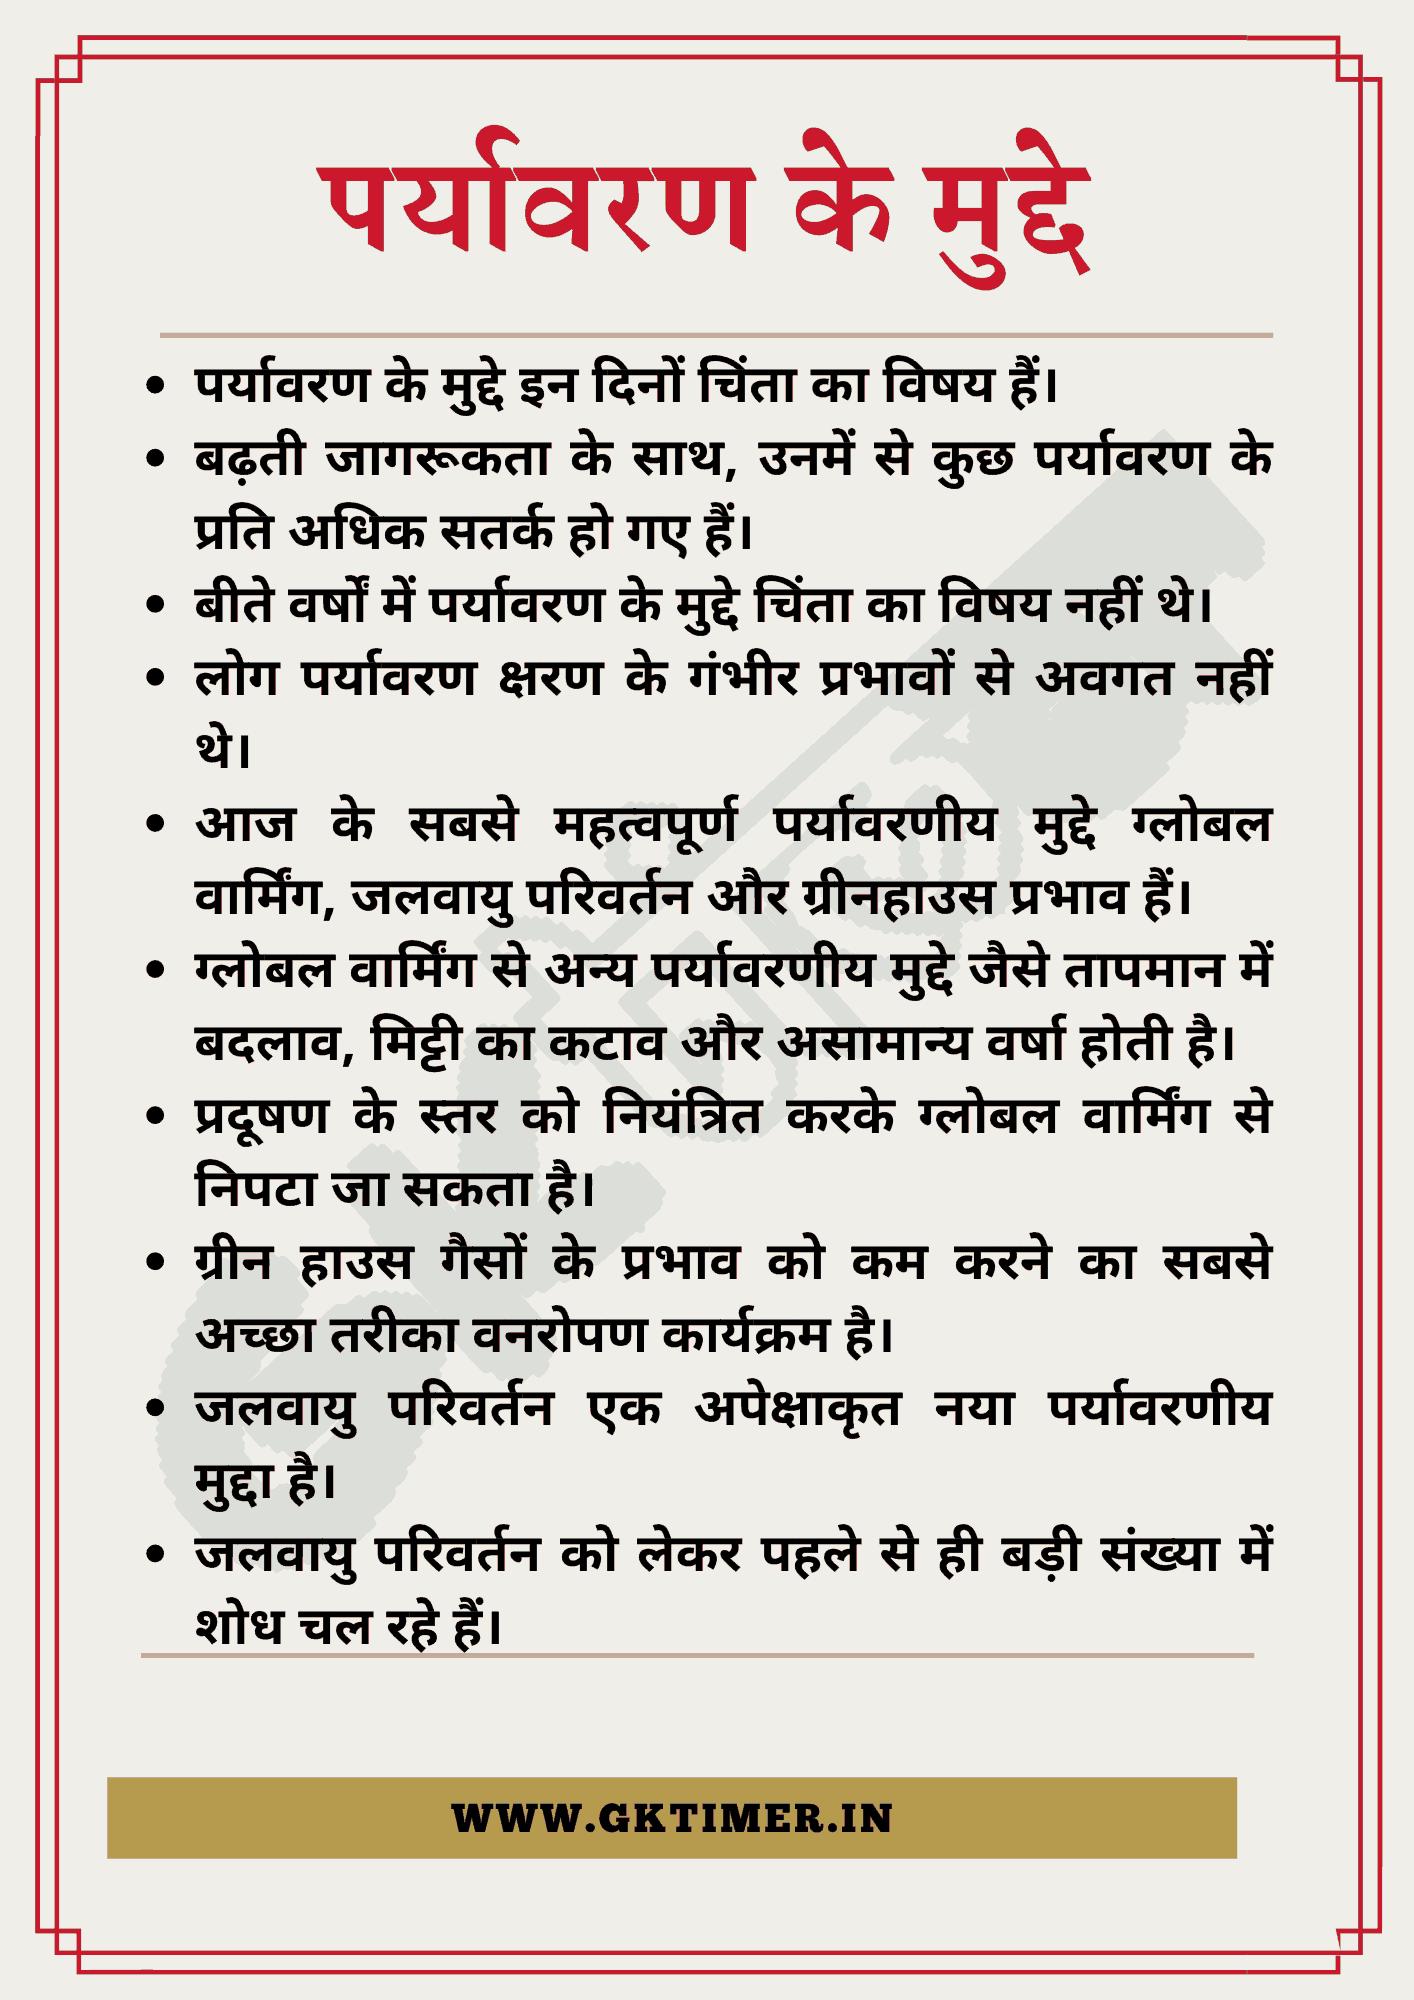 पर्यावरण के मुद्दों पर निबंध    Essay on Environmental Issues in Hindi   10 Lines on Environmental Issues in Hindi